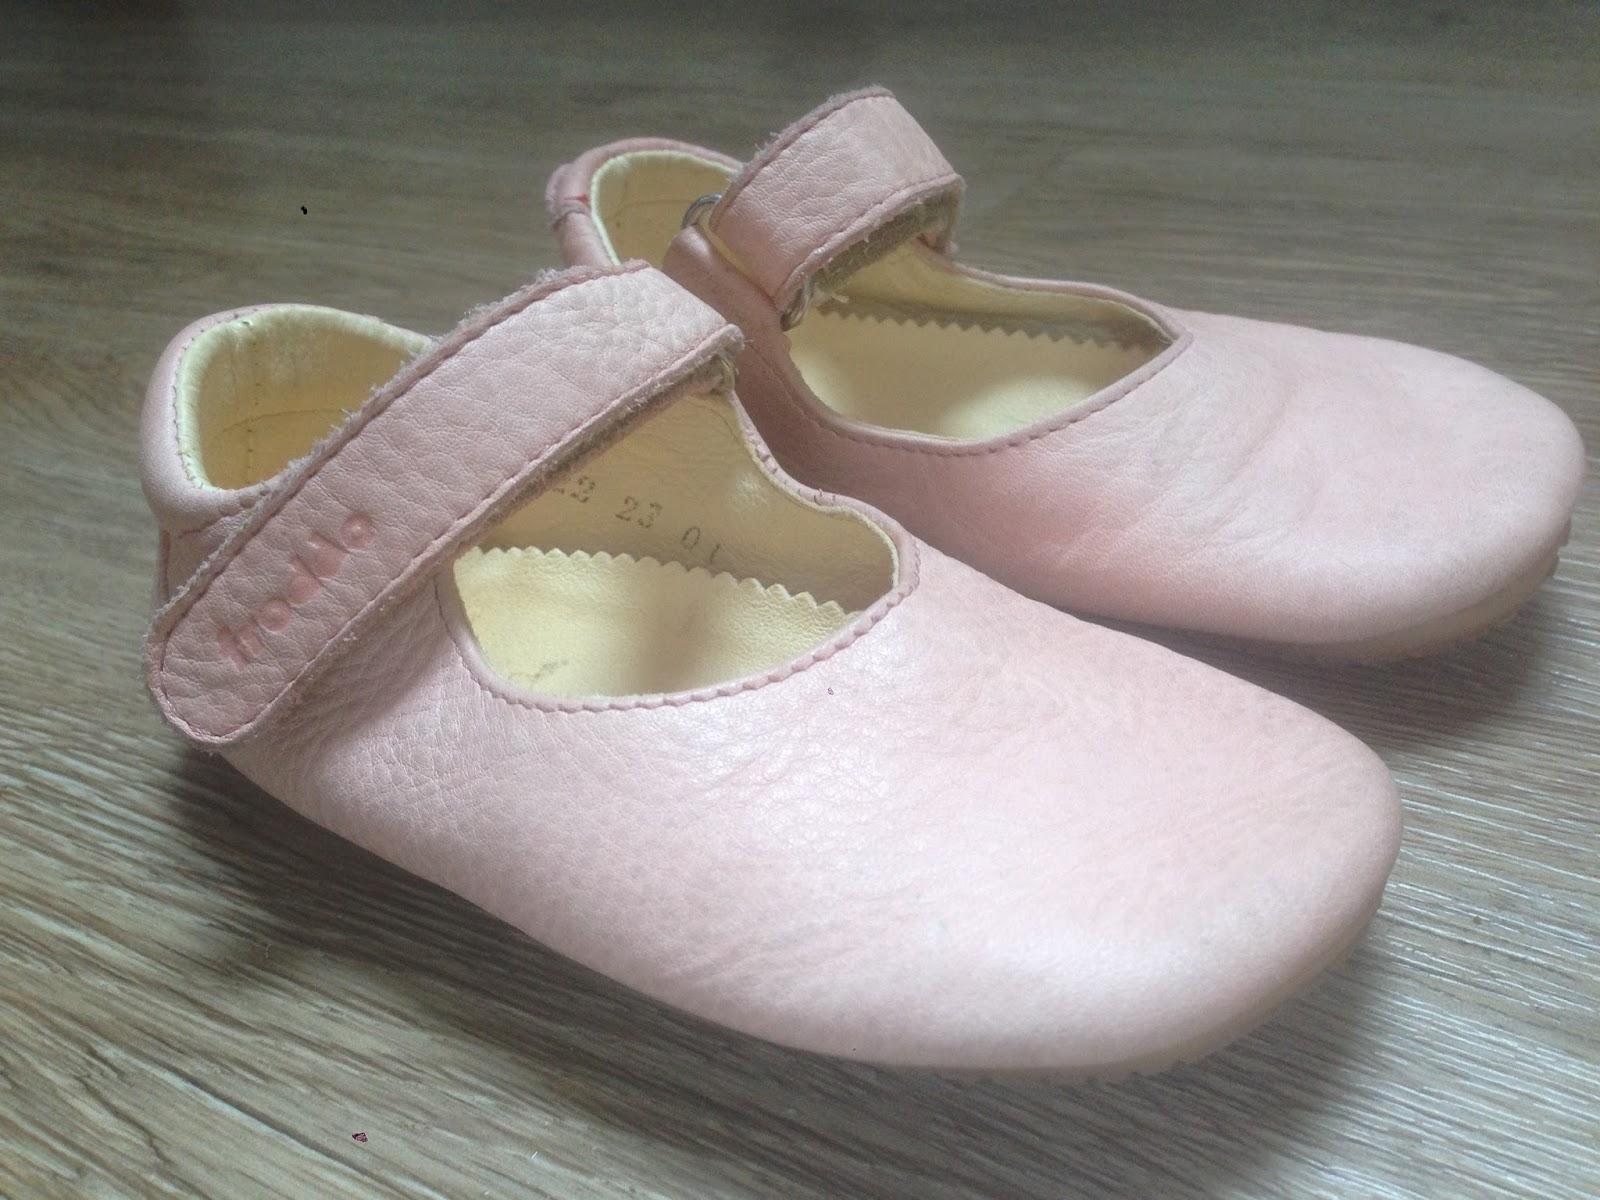 Froddo je značka kožené obuvi vyrobené v Chorvatsku 893a41ceed